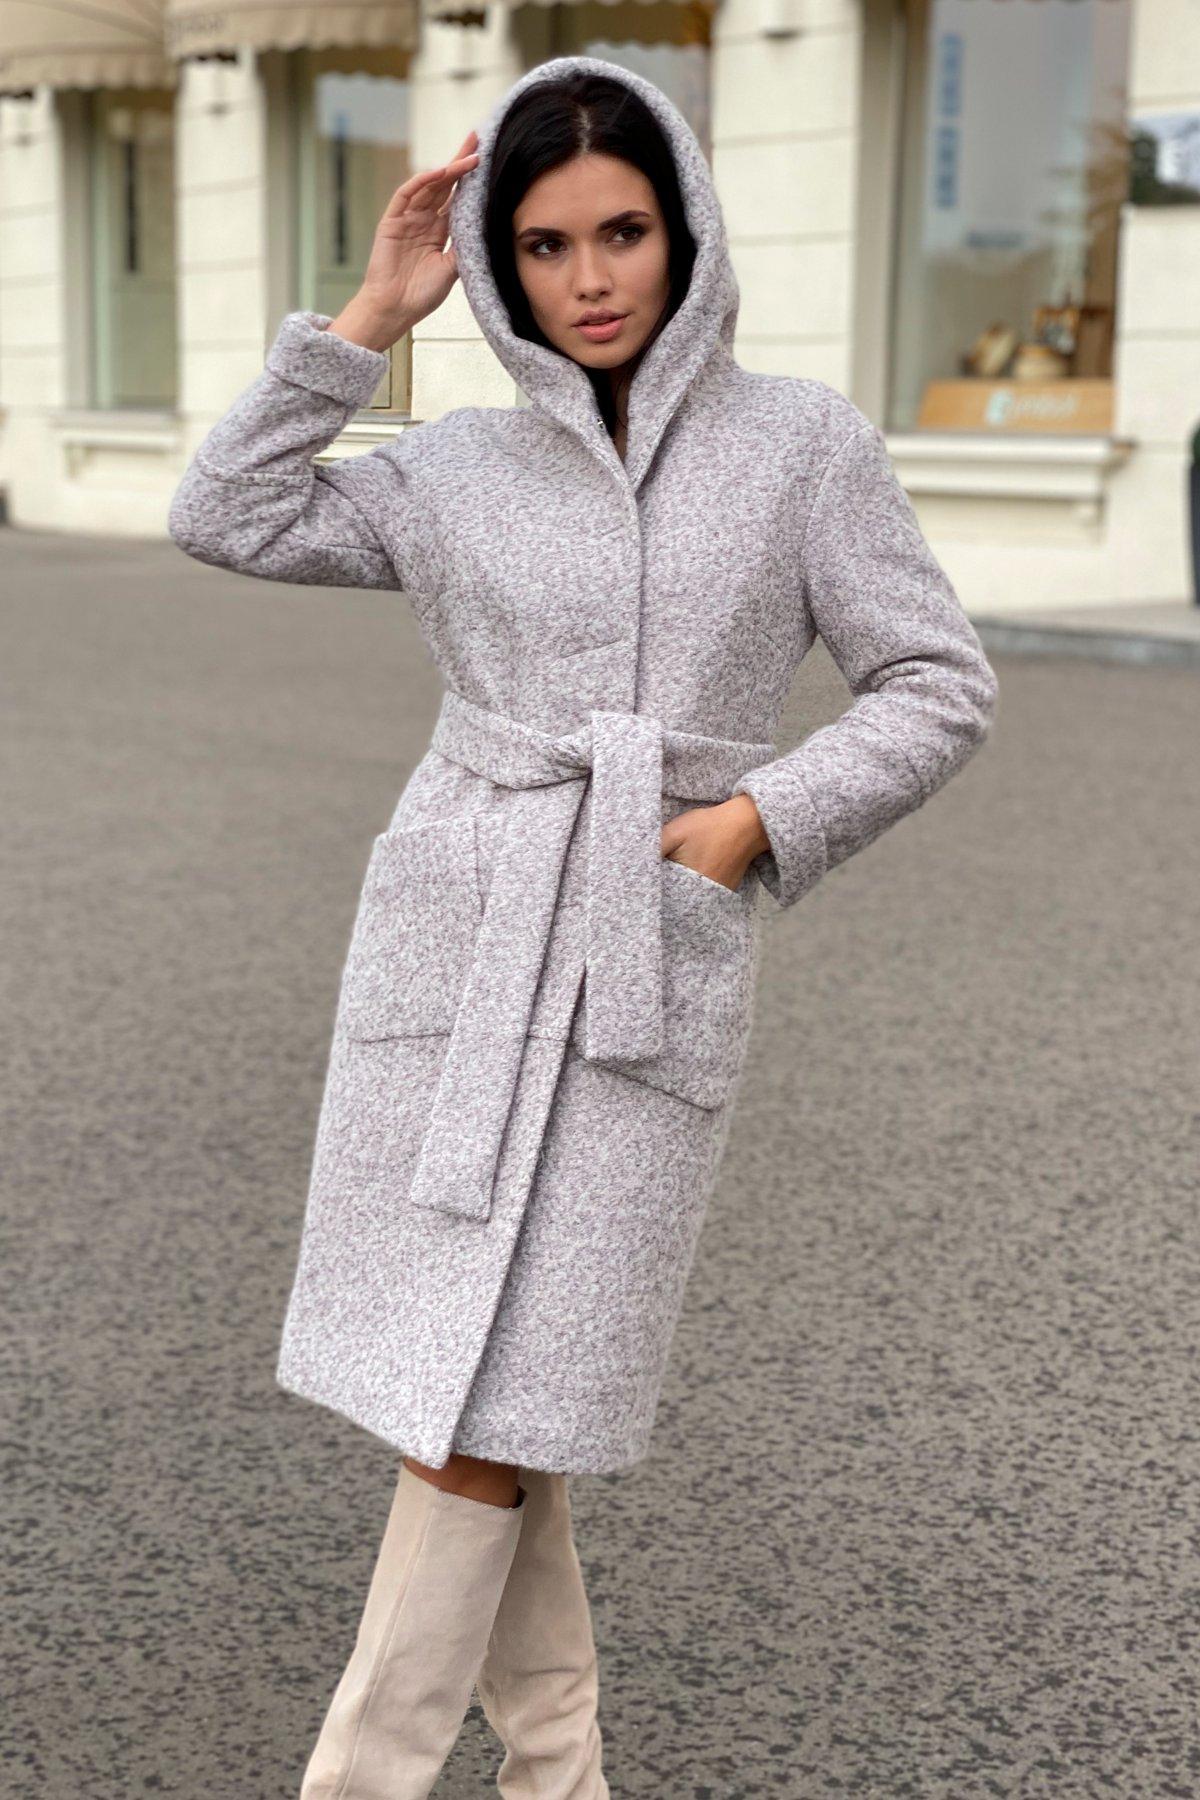 Пальто зима шерсть букле Анита 8320 АРТ. 44439 Цвет: Серый/бежевый 24 - фото 9, интернет магазин tm-modus.ru